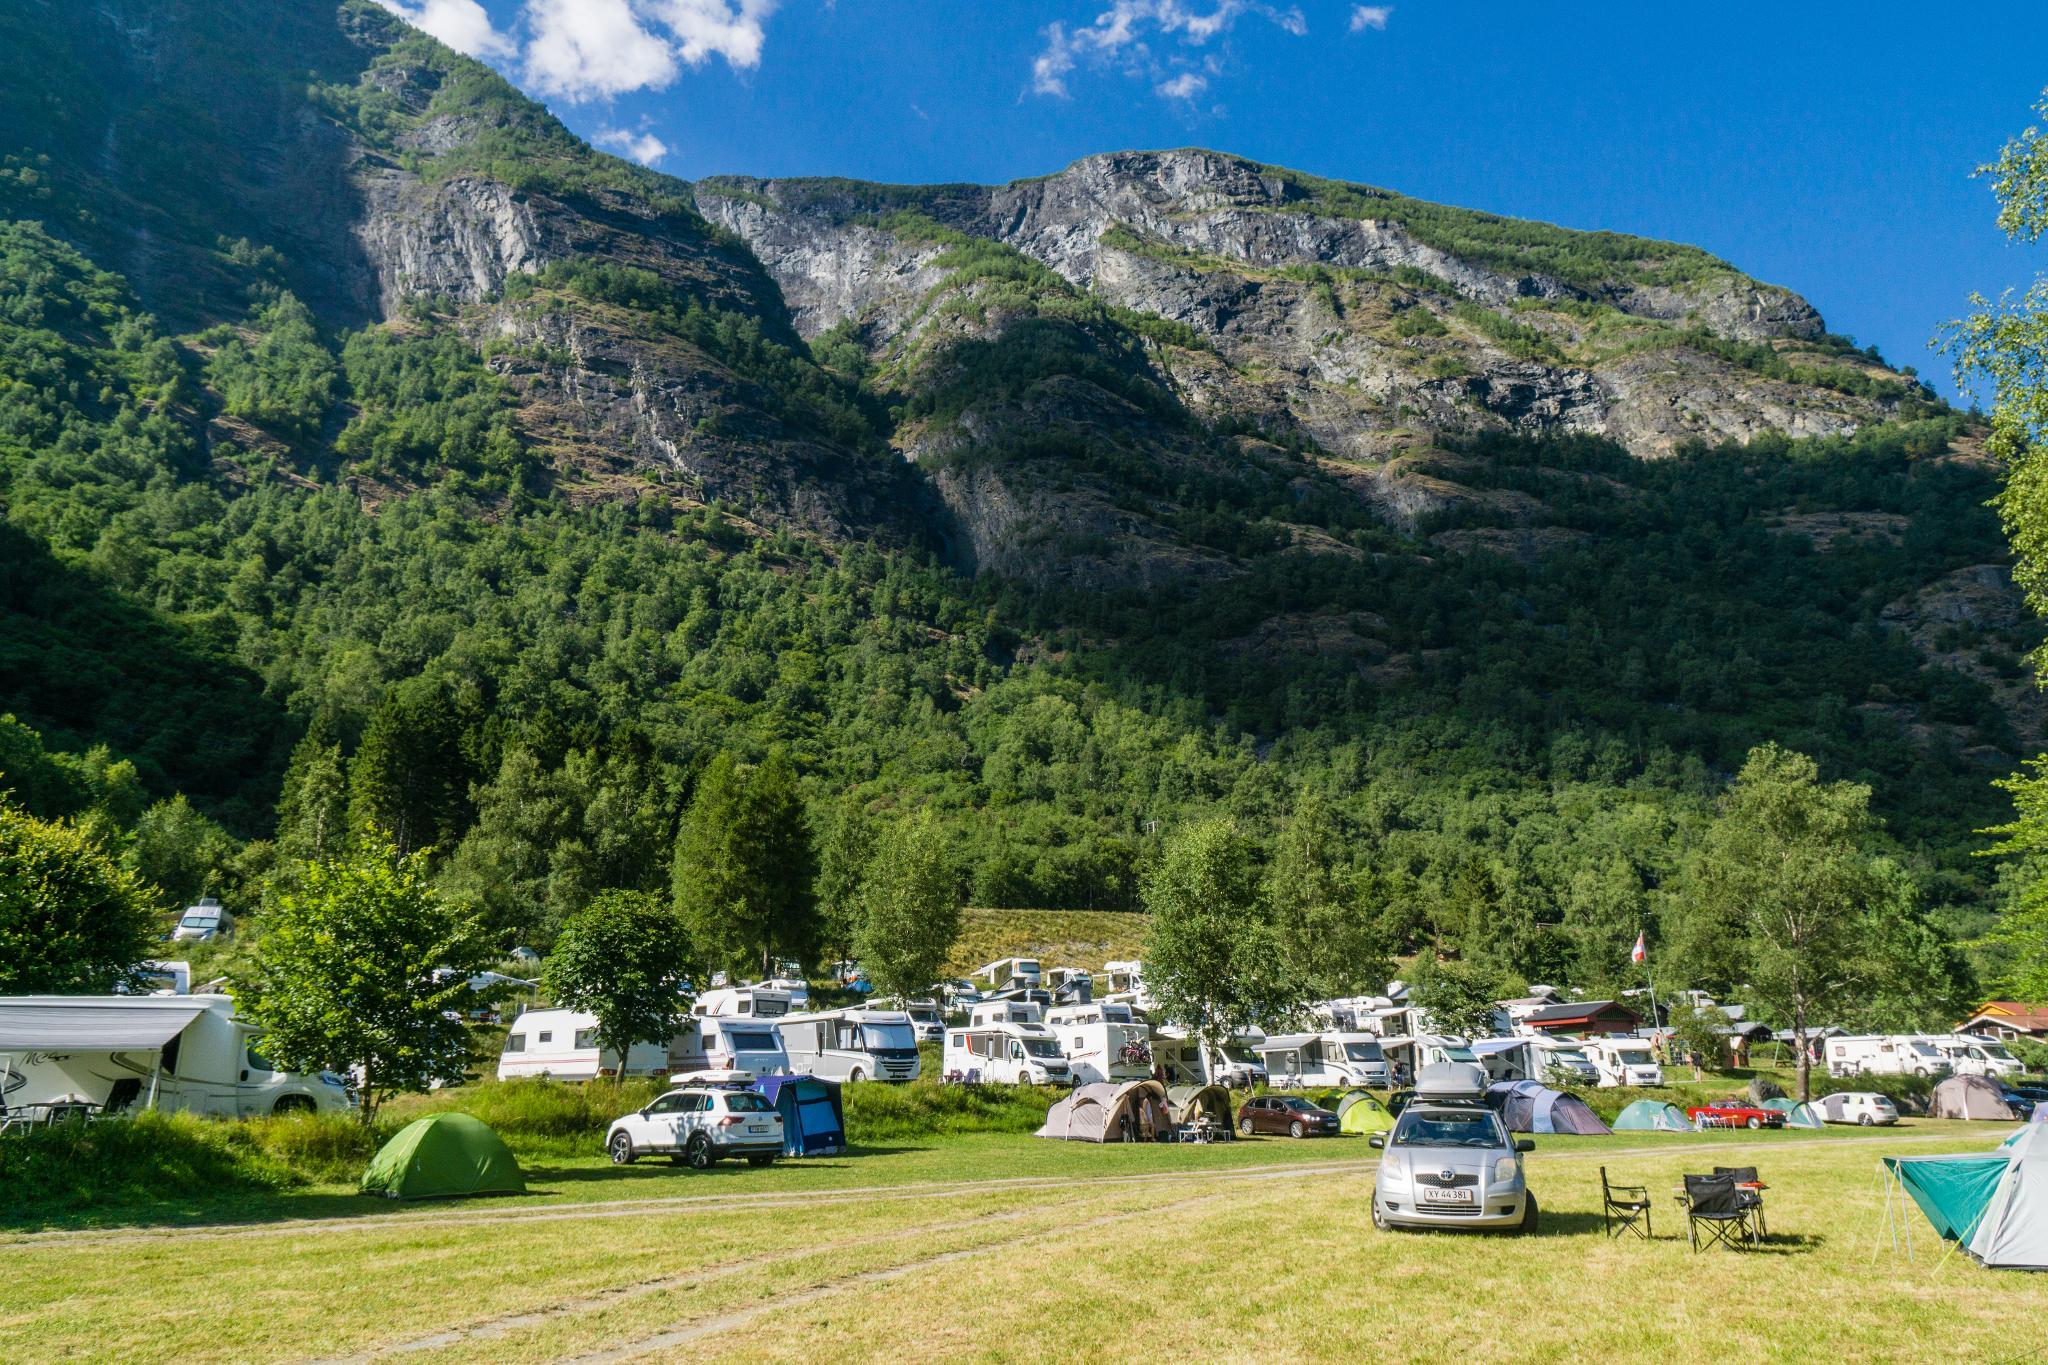 【北歐景點】Flåm 弗洛姆小鎮 — 挪威縮影的重要轉運站 (Flåm Camping與松恩峽灣渡輪介紹) 5